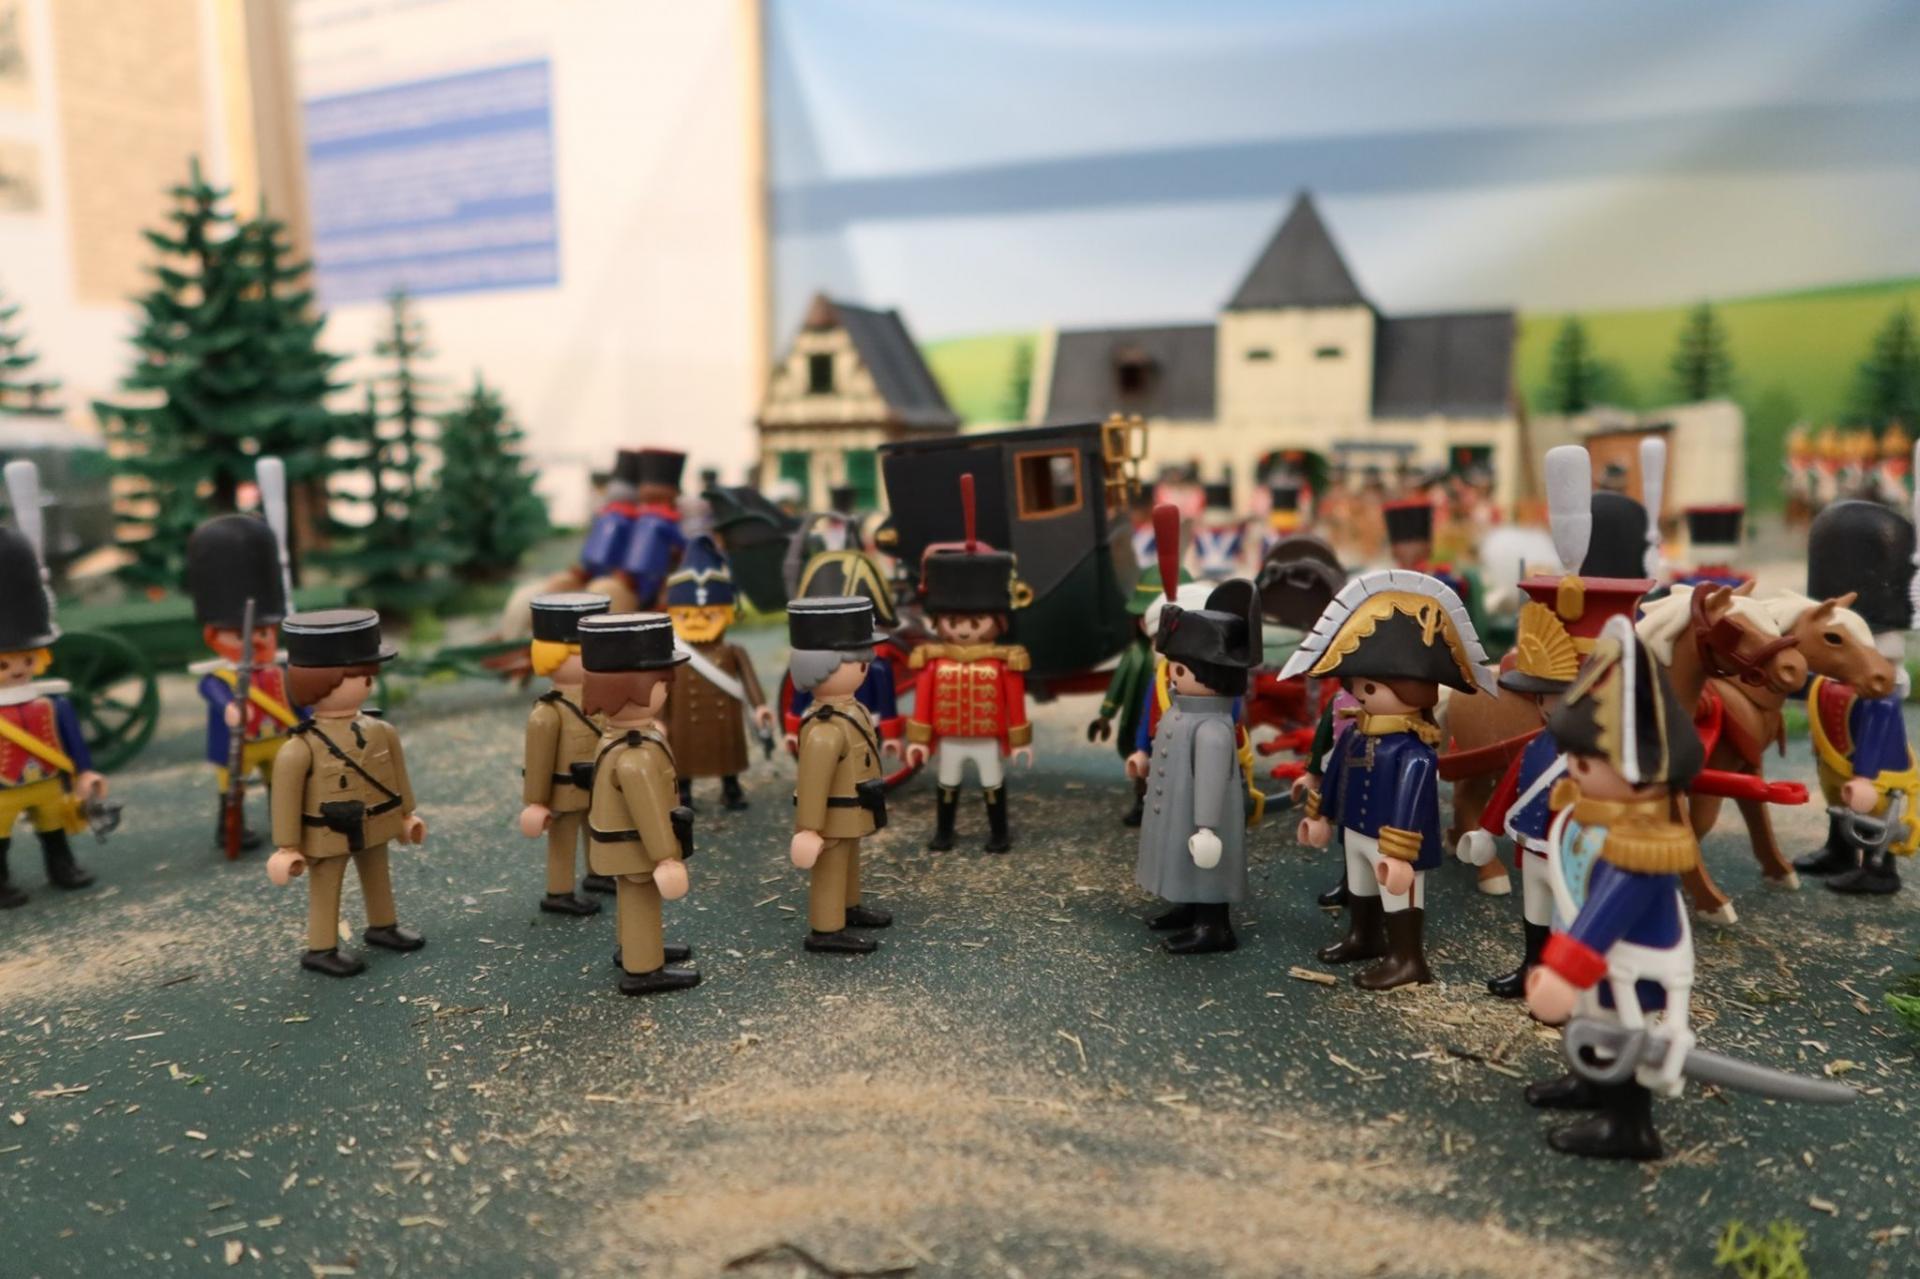 Napoleon en playmobil exposition dominique bethune saint tropez